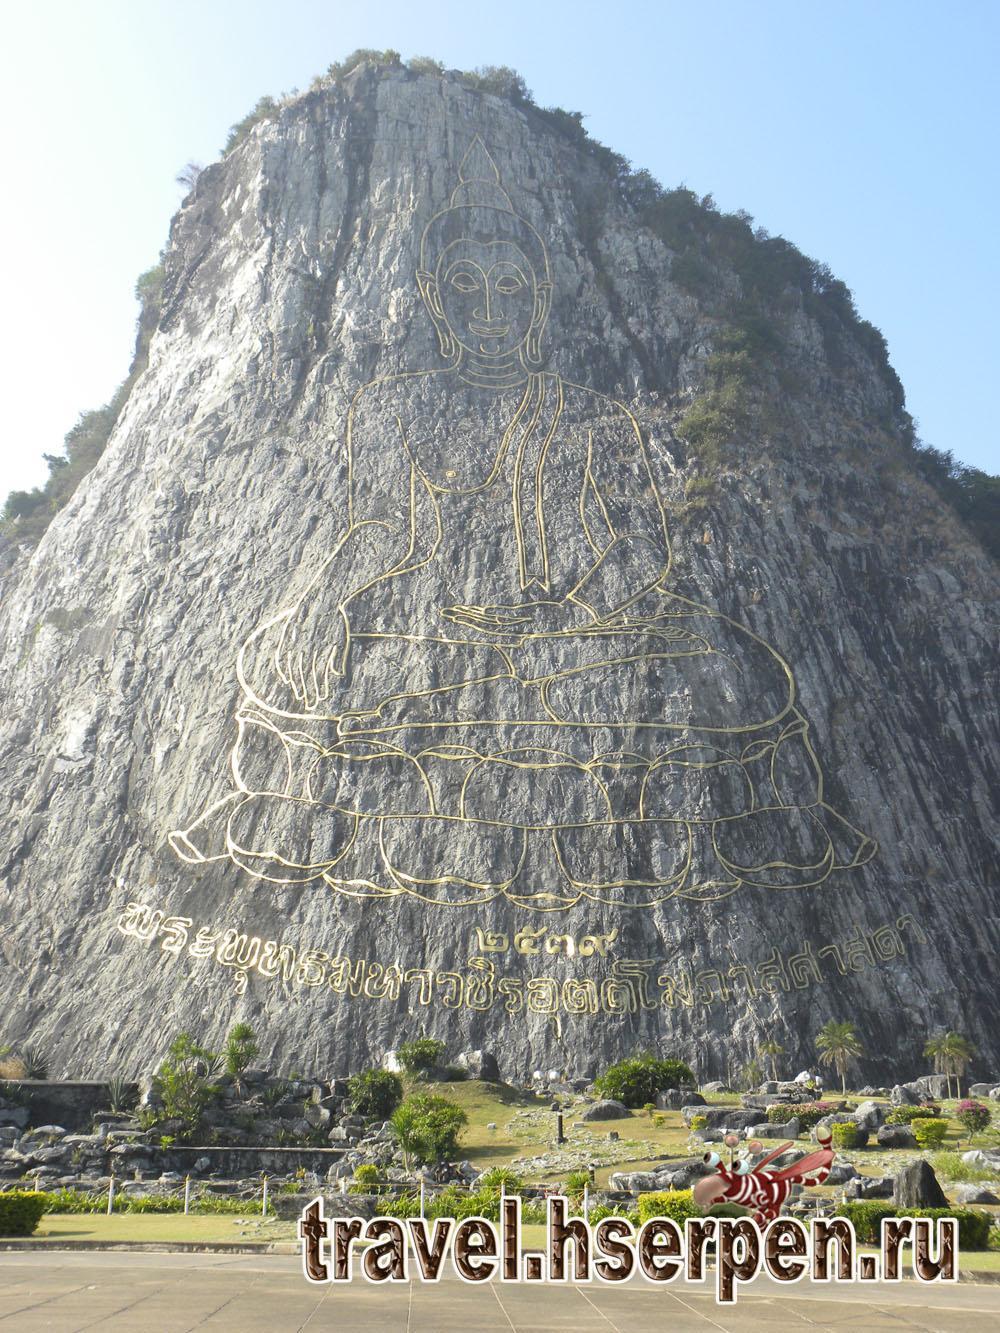 Фото дня: Изображение Будды на горе Кхао Чи Чан (Khao Chi Chan), Паттайя, Таиланд